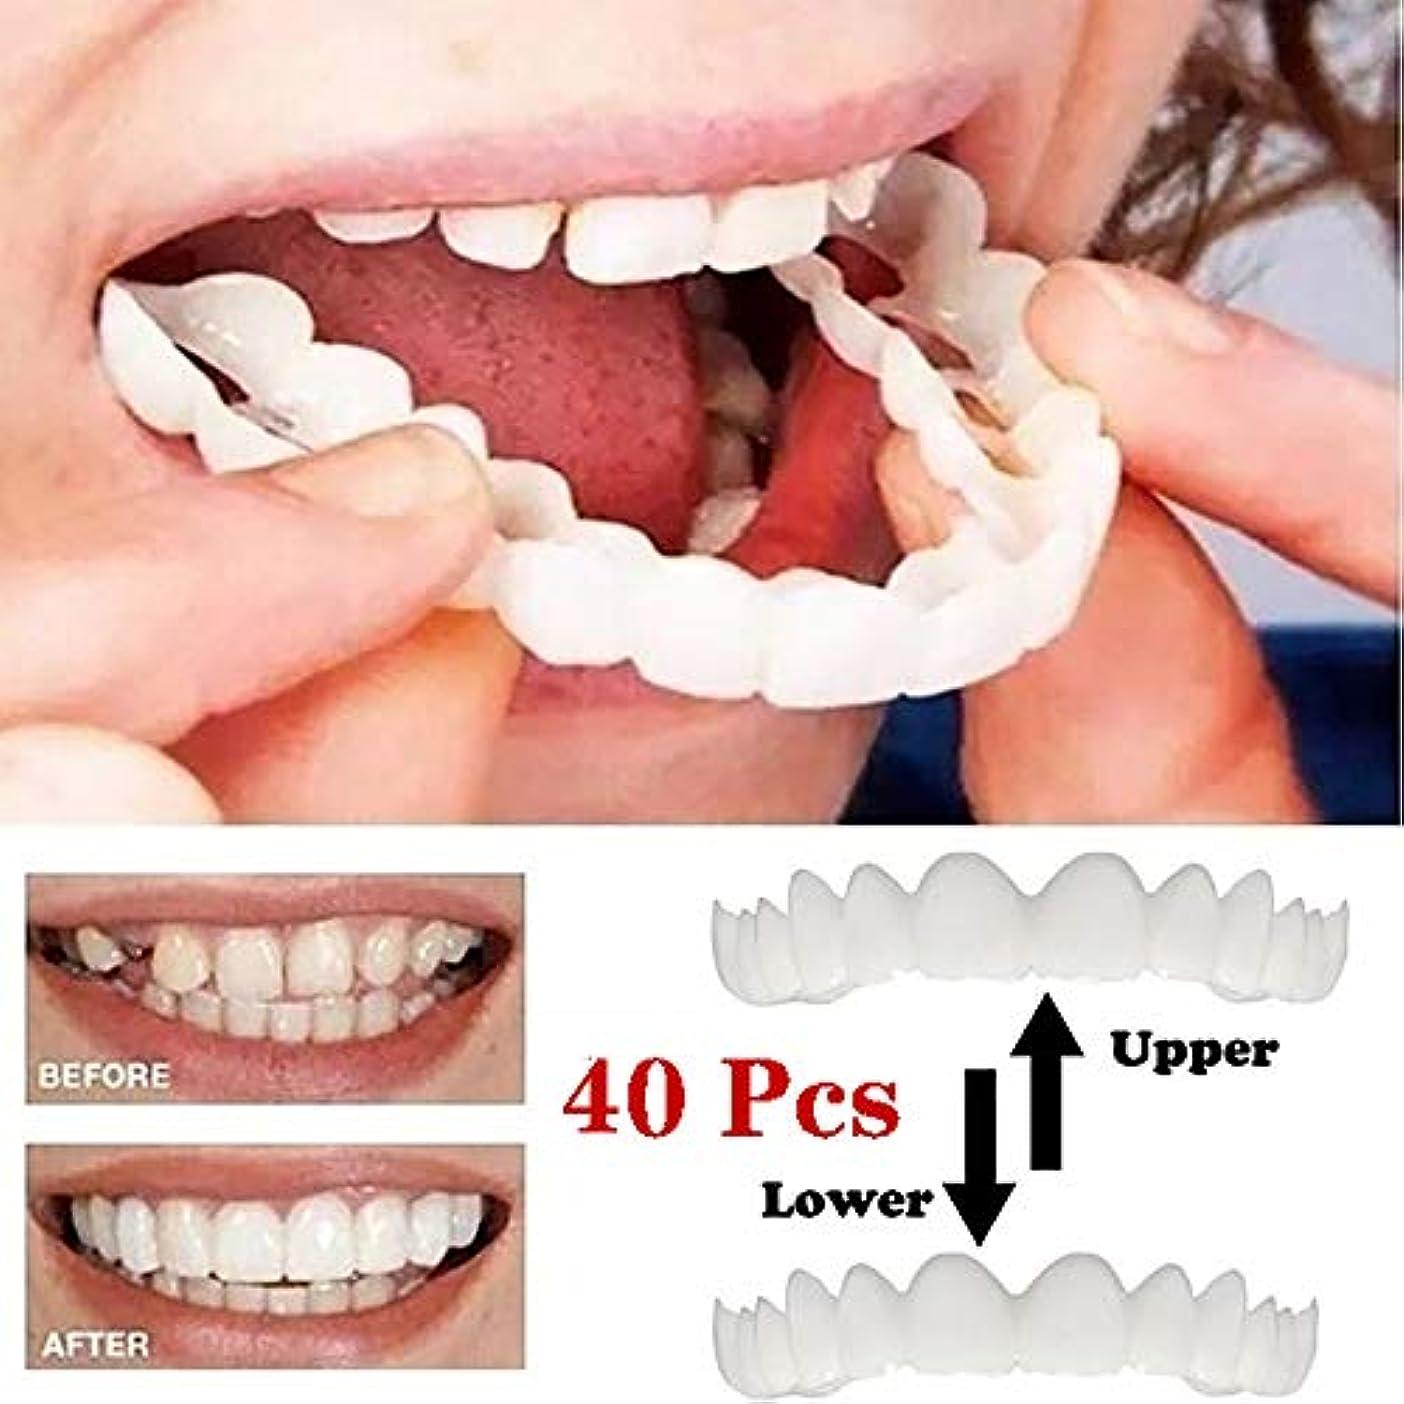 ハッチ確立実質的に20セット化粧板の歯、化粧品の歯 - 一時的な笑顔の快適さフィットフレックス化粧品の歯、ワンサイズはほとんどフィット - 歯突き板(下+上)